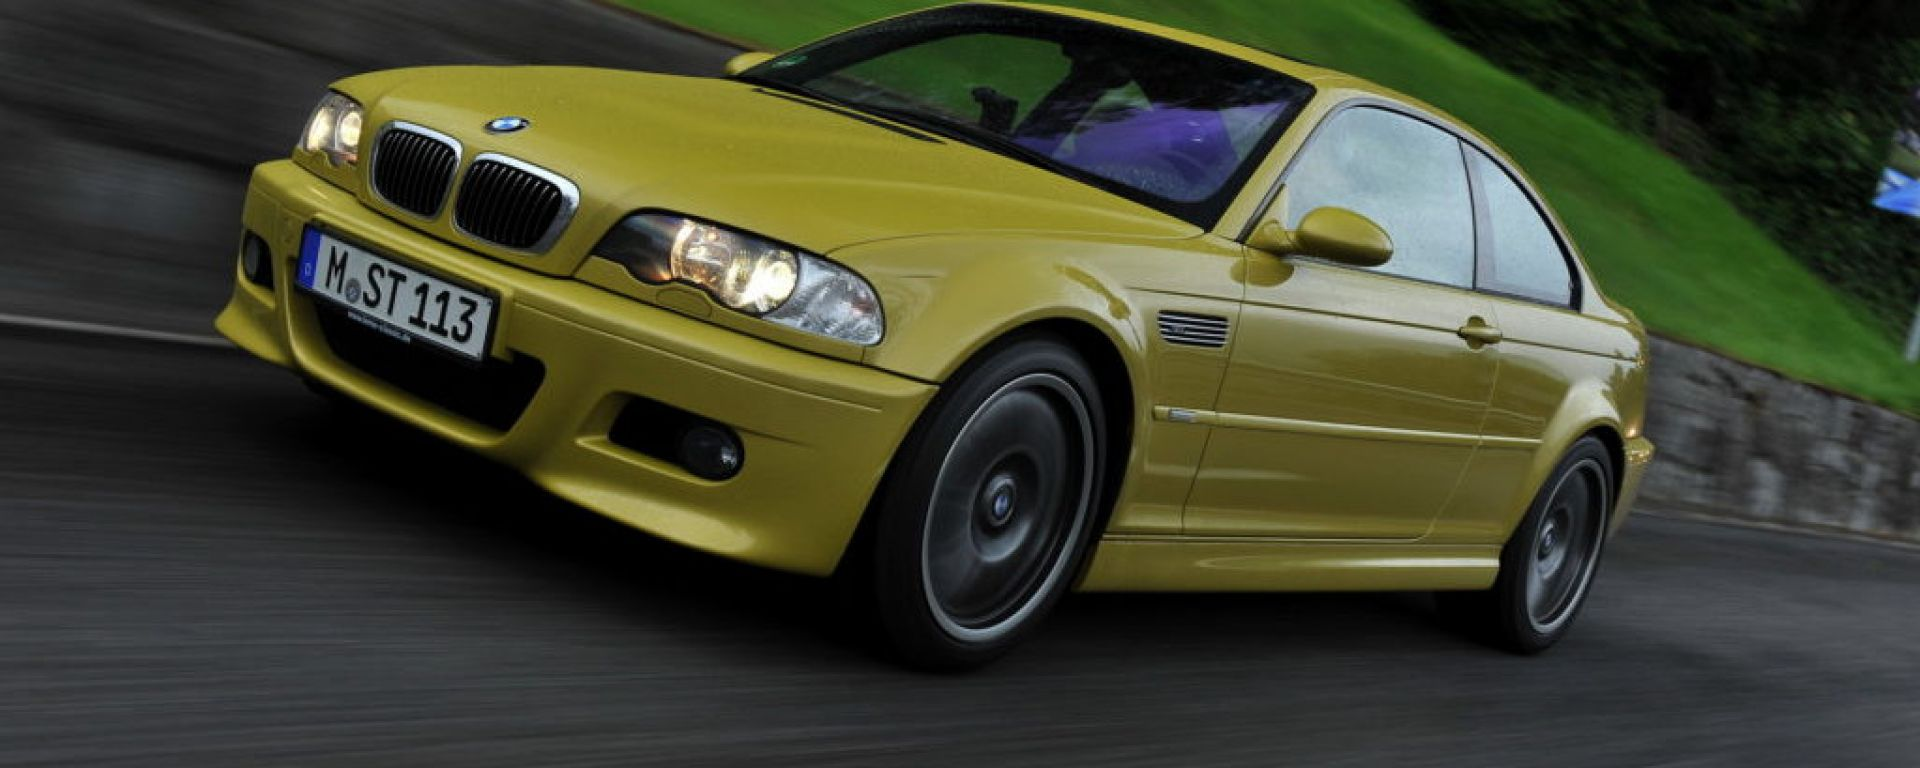 BMW M3 E46: un'icona della sportività tedesca